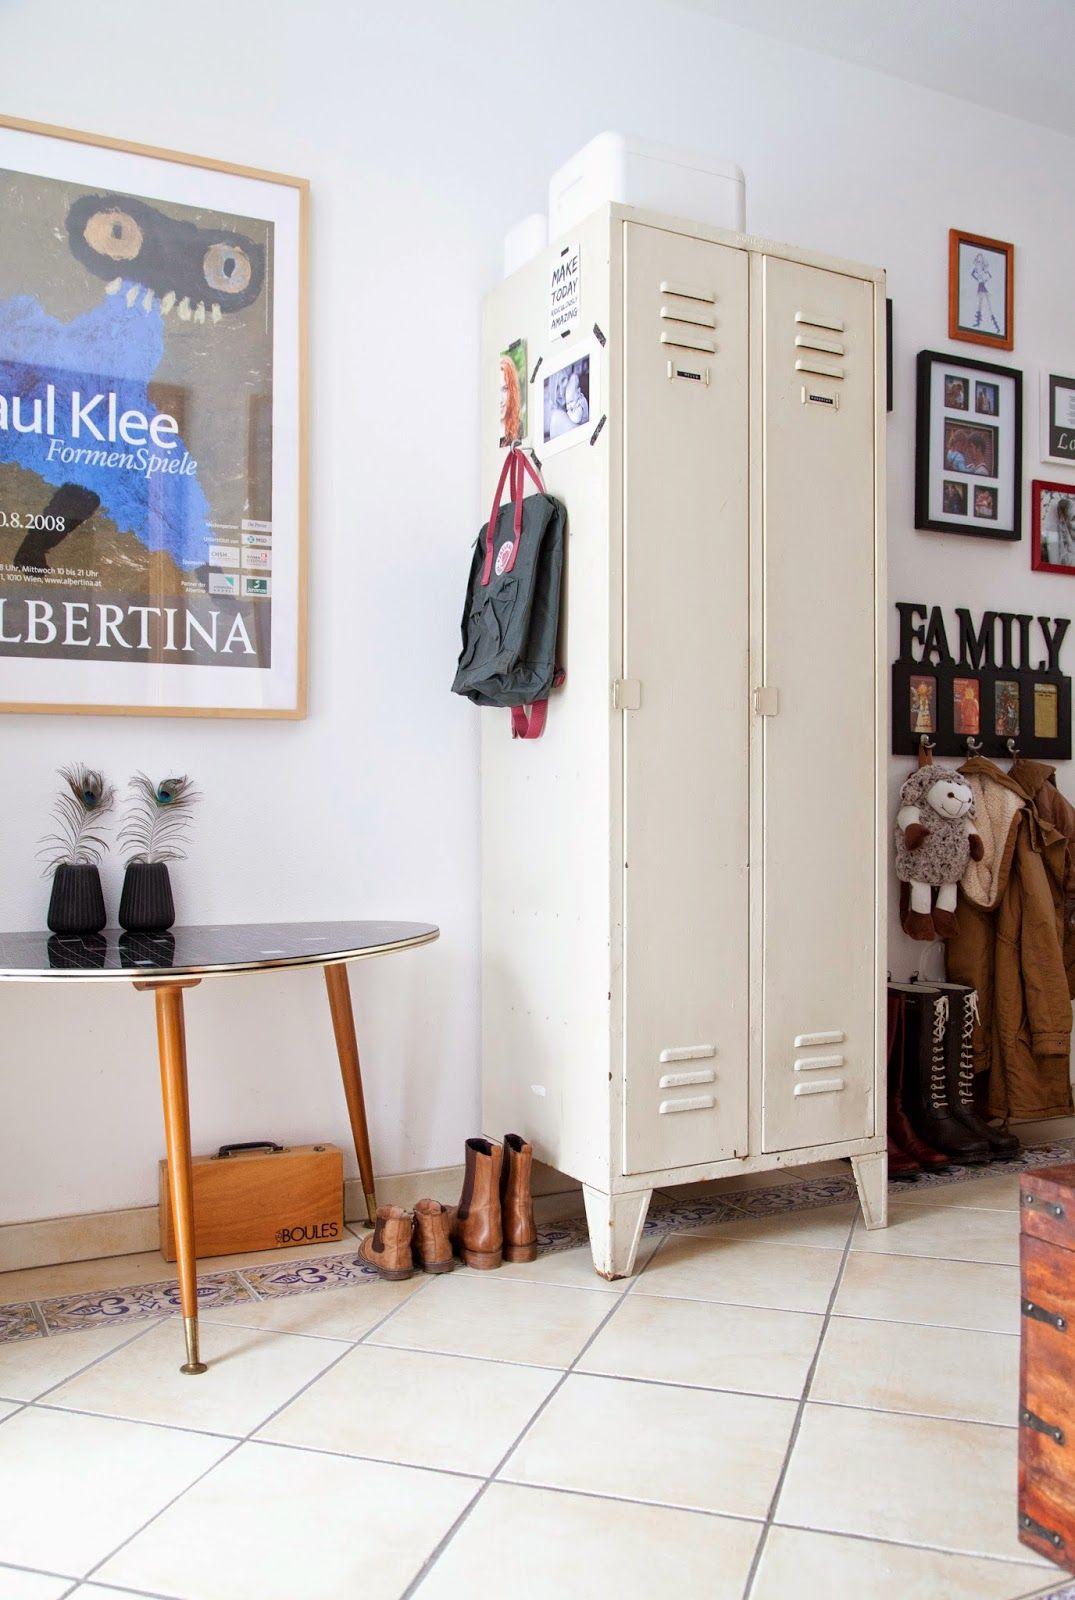 Wohn Projekt Der Mama Tochter Blog Fur Interior Diy Dekoration Und Kreatives Unser Zuhause Ein Alter Metall Spind Im Hause Woh Spind Zuhause Diy Wohnen